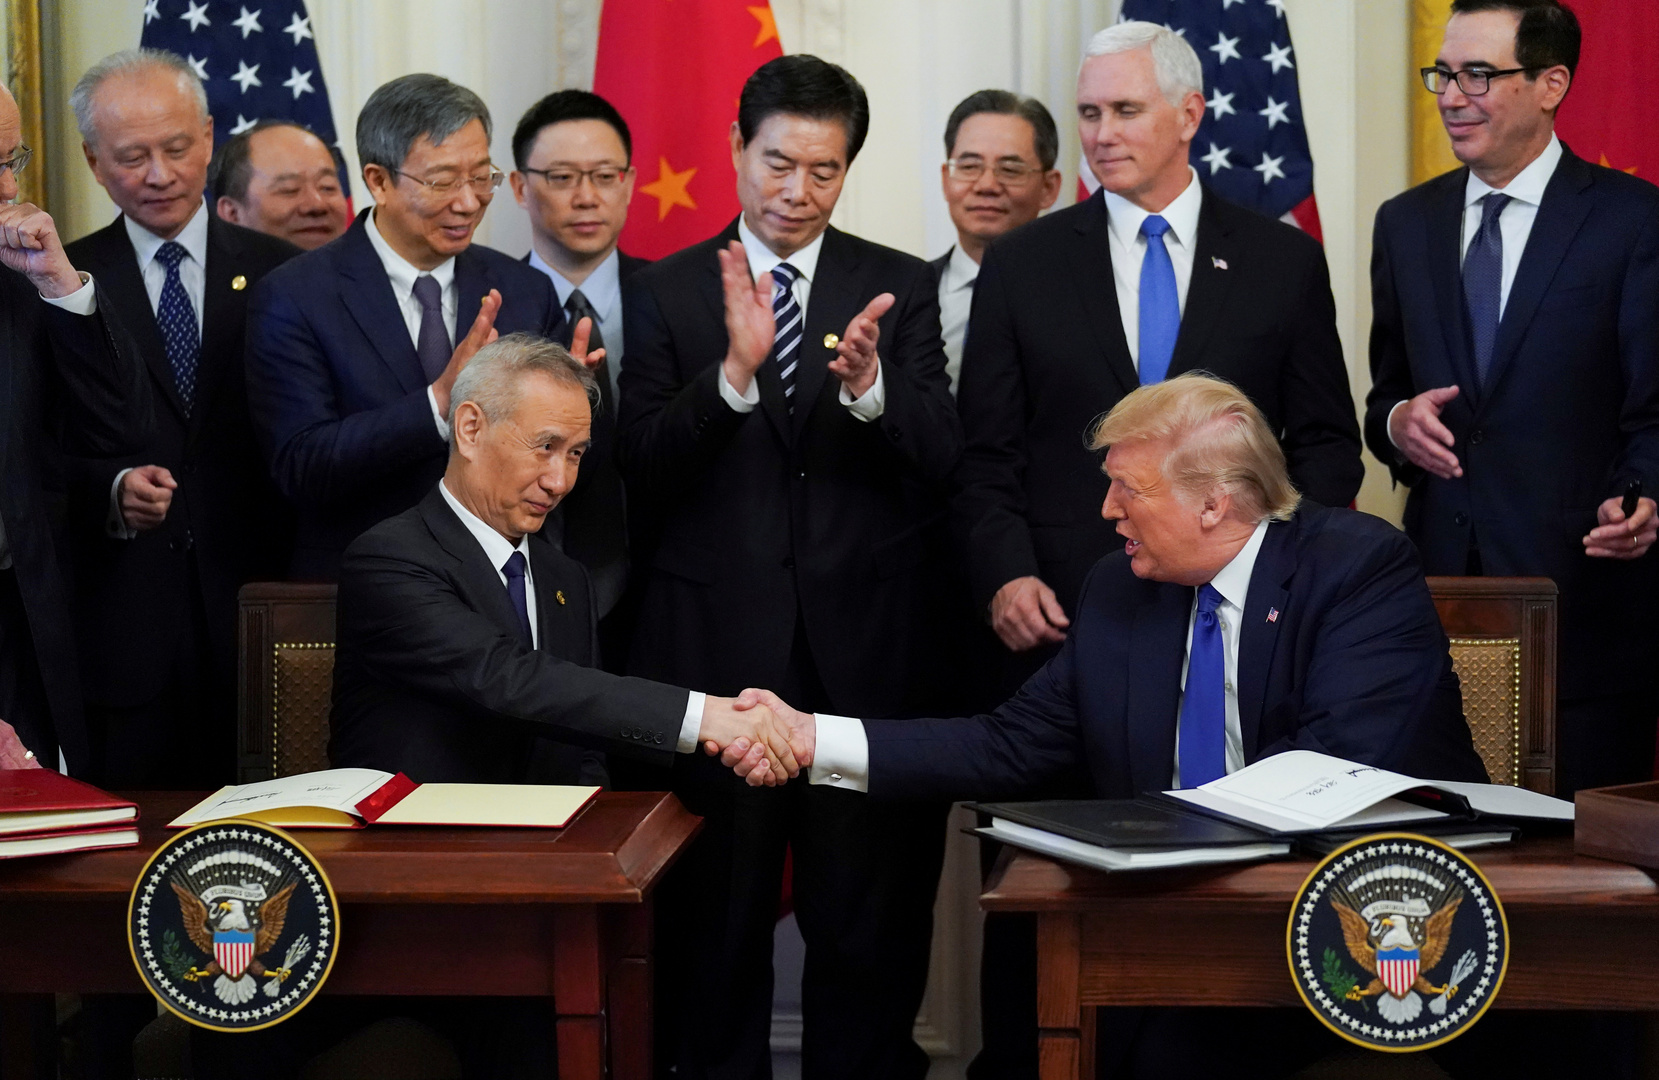 الولايات المتحدة والصين توقعان